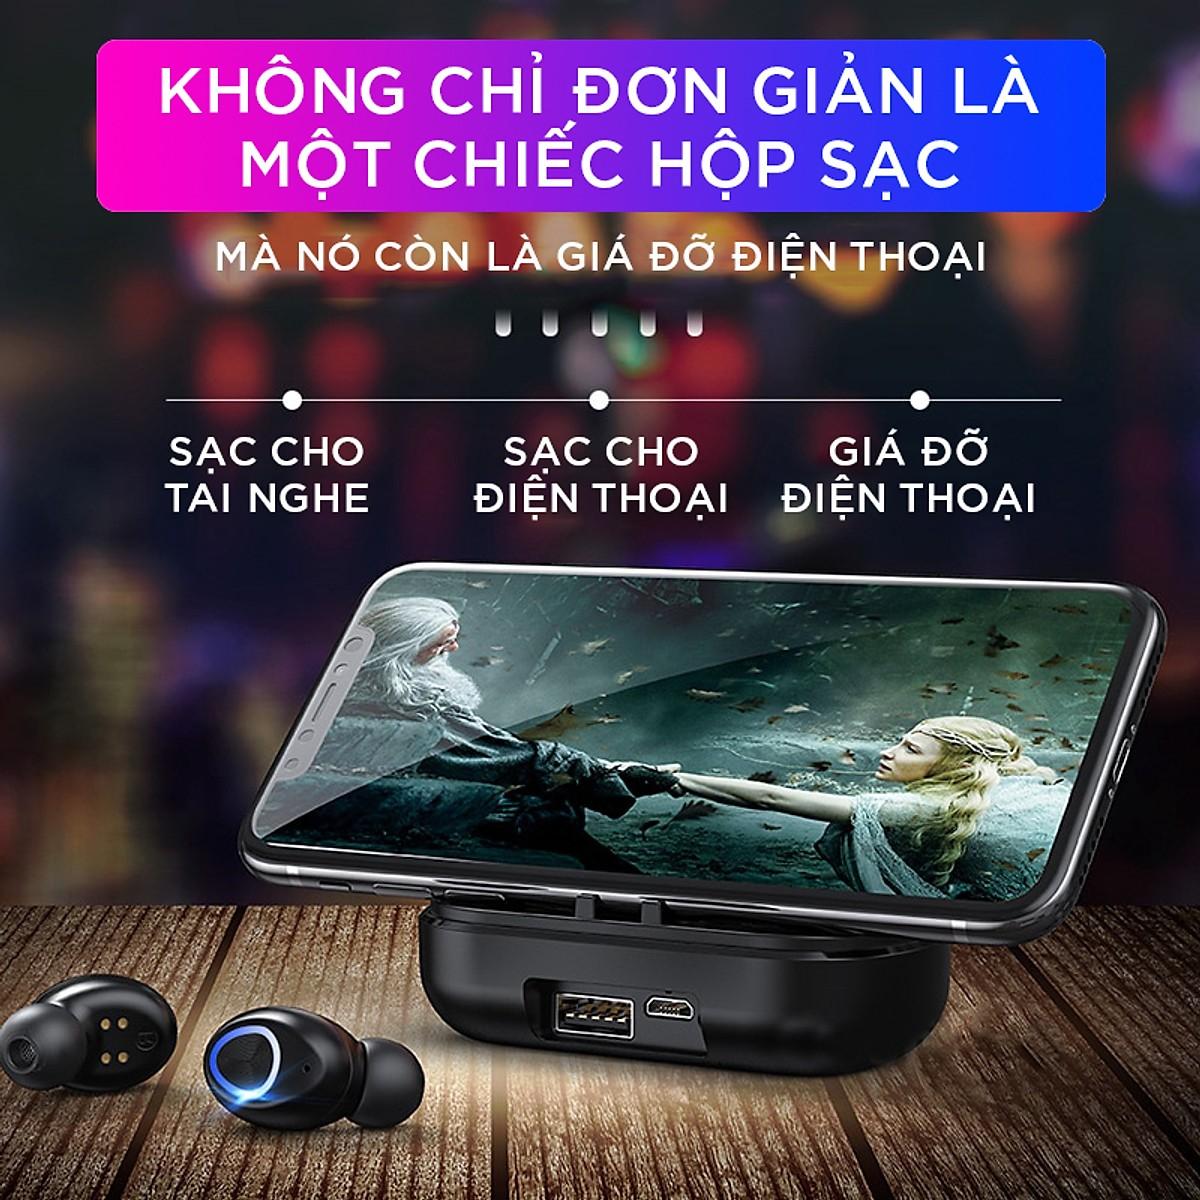 Tai Nghe Bluetooth VINETTEAM Tai Nghe Nhét Tai V10 TWS Chất Lượng Cao - Chống Nước IPX7 - Nghe 90h - Tích Hợp Micro - Tự Động Kết Nối - Tương Thích Cao Cho Tất Cả Điện Thoại -chính hãng